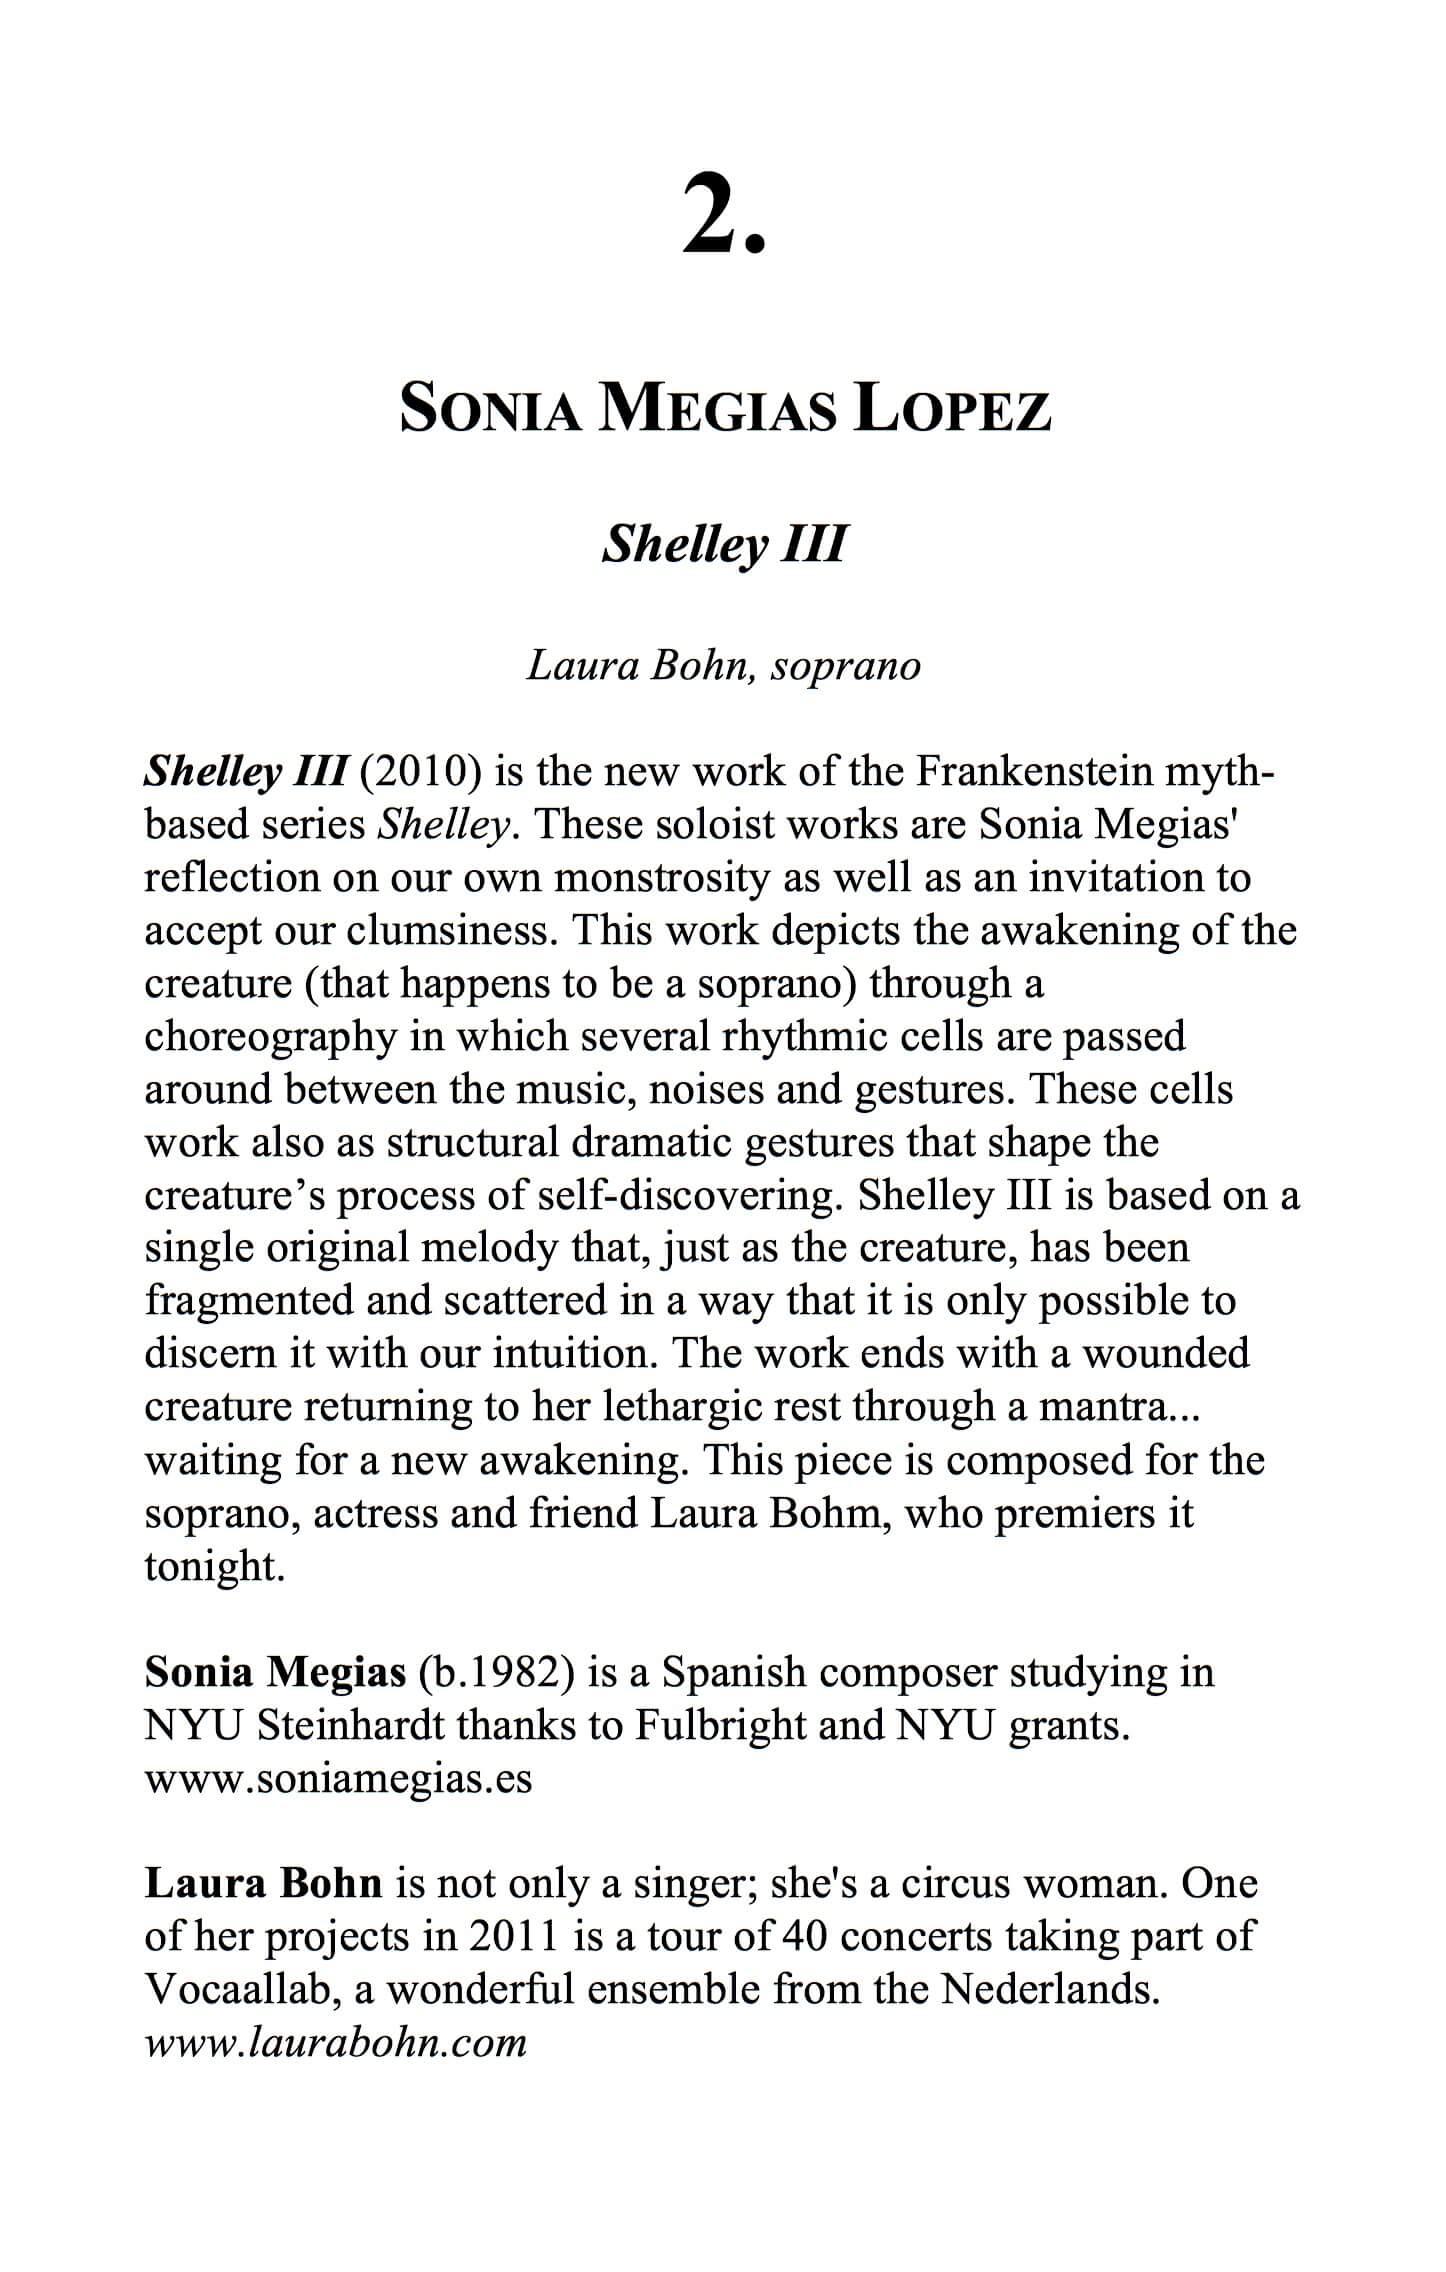 2010'XII'13. NYU. Estreno de Shelley III - Notas al programa